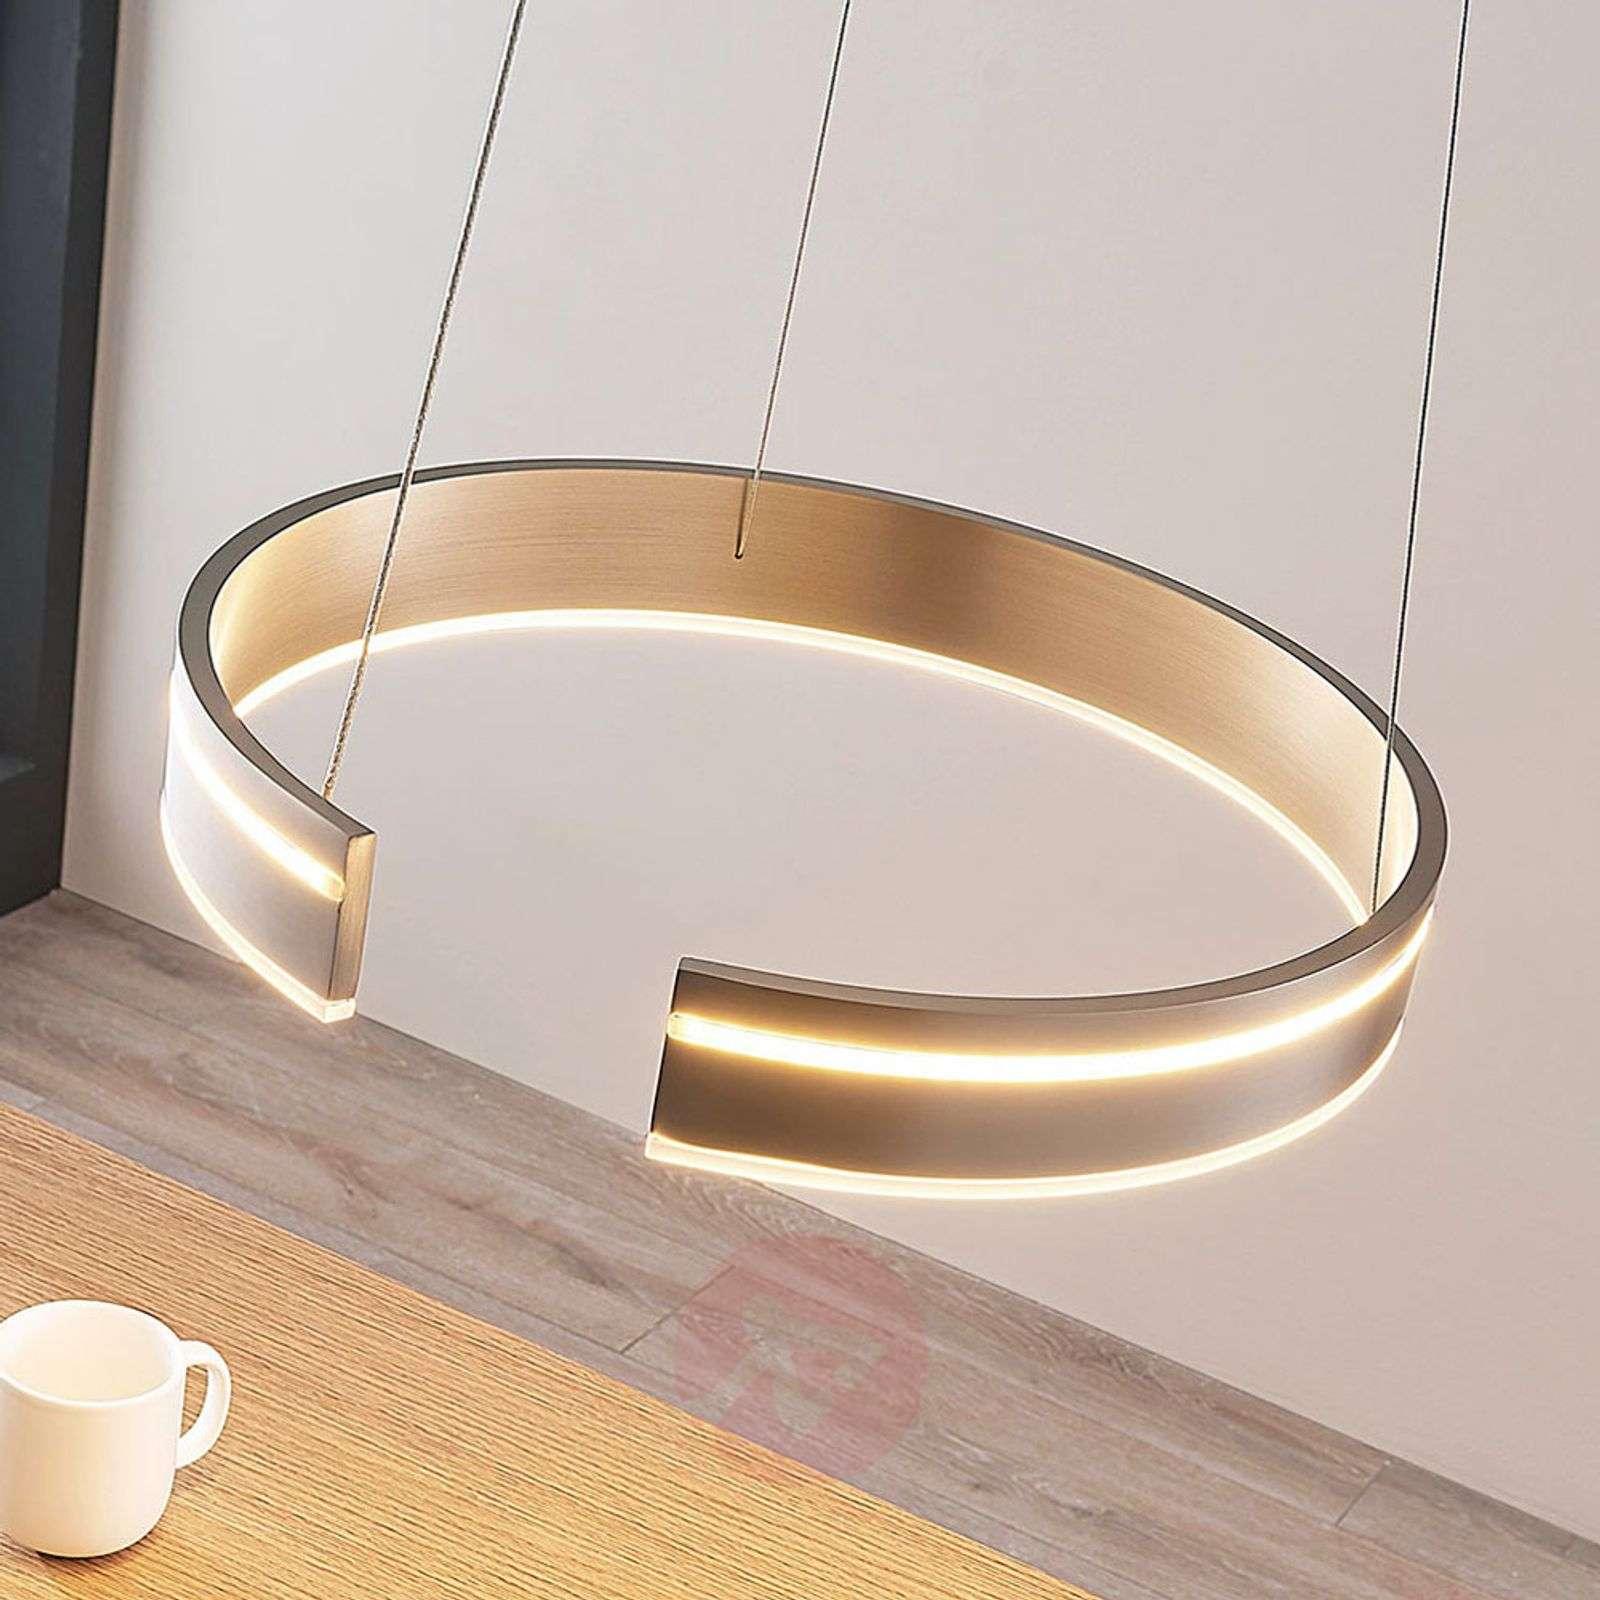 Pyöreä LED-riippuvalaisin Haga, himmen., kytkin-9624085-02